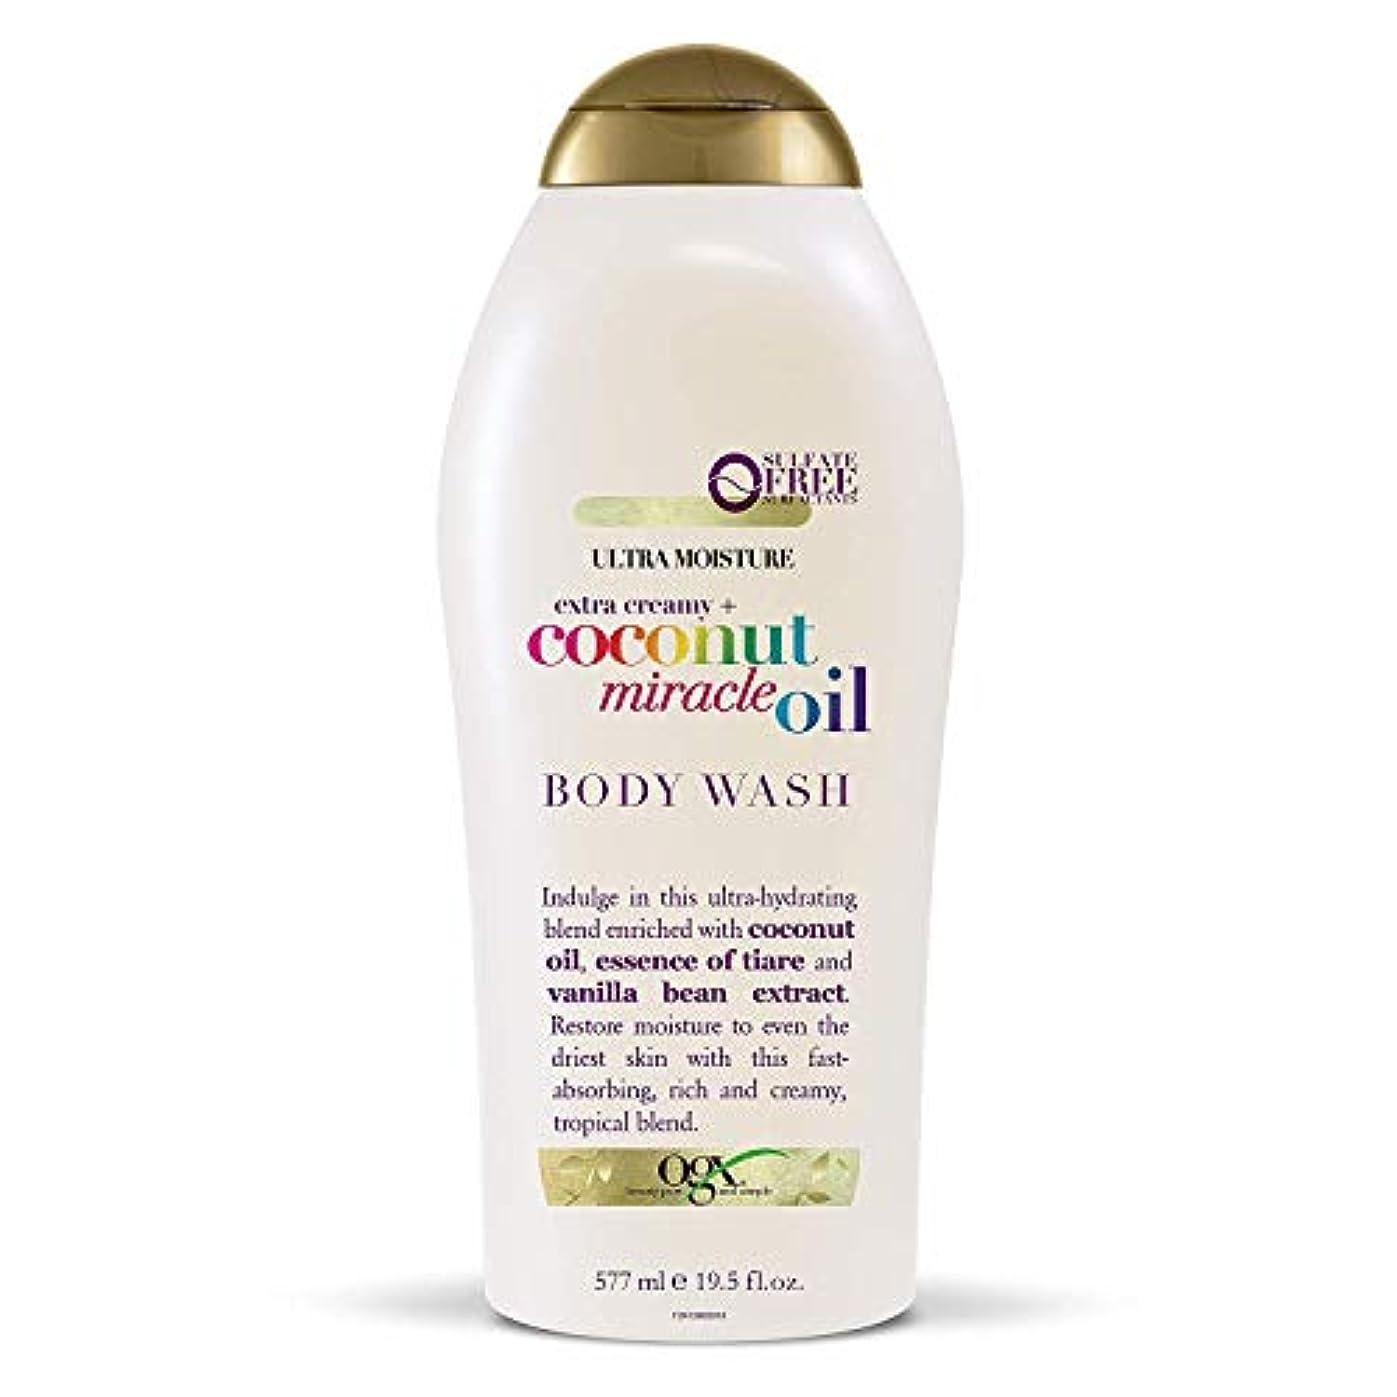 口径帝国教育Ogx Body Wash Coconut Miracle Oil Extra Strength 19.5oz OGX ココナッツミラクルオイル エクストラストレングス ボディウォッシュ 577ml [並行輸入品]